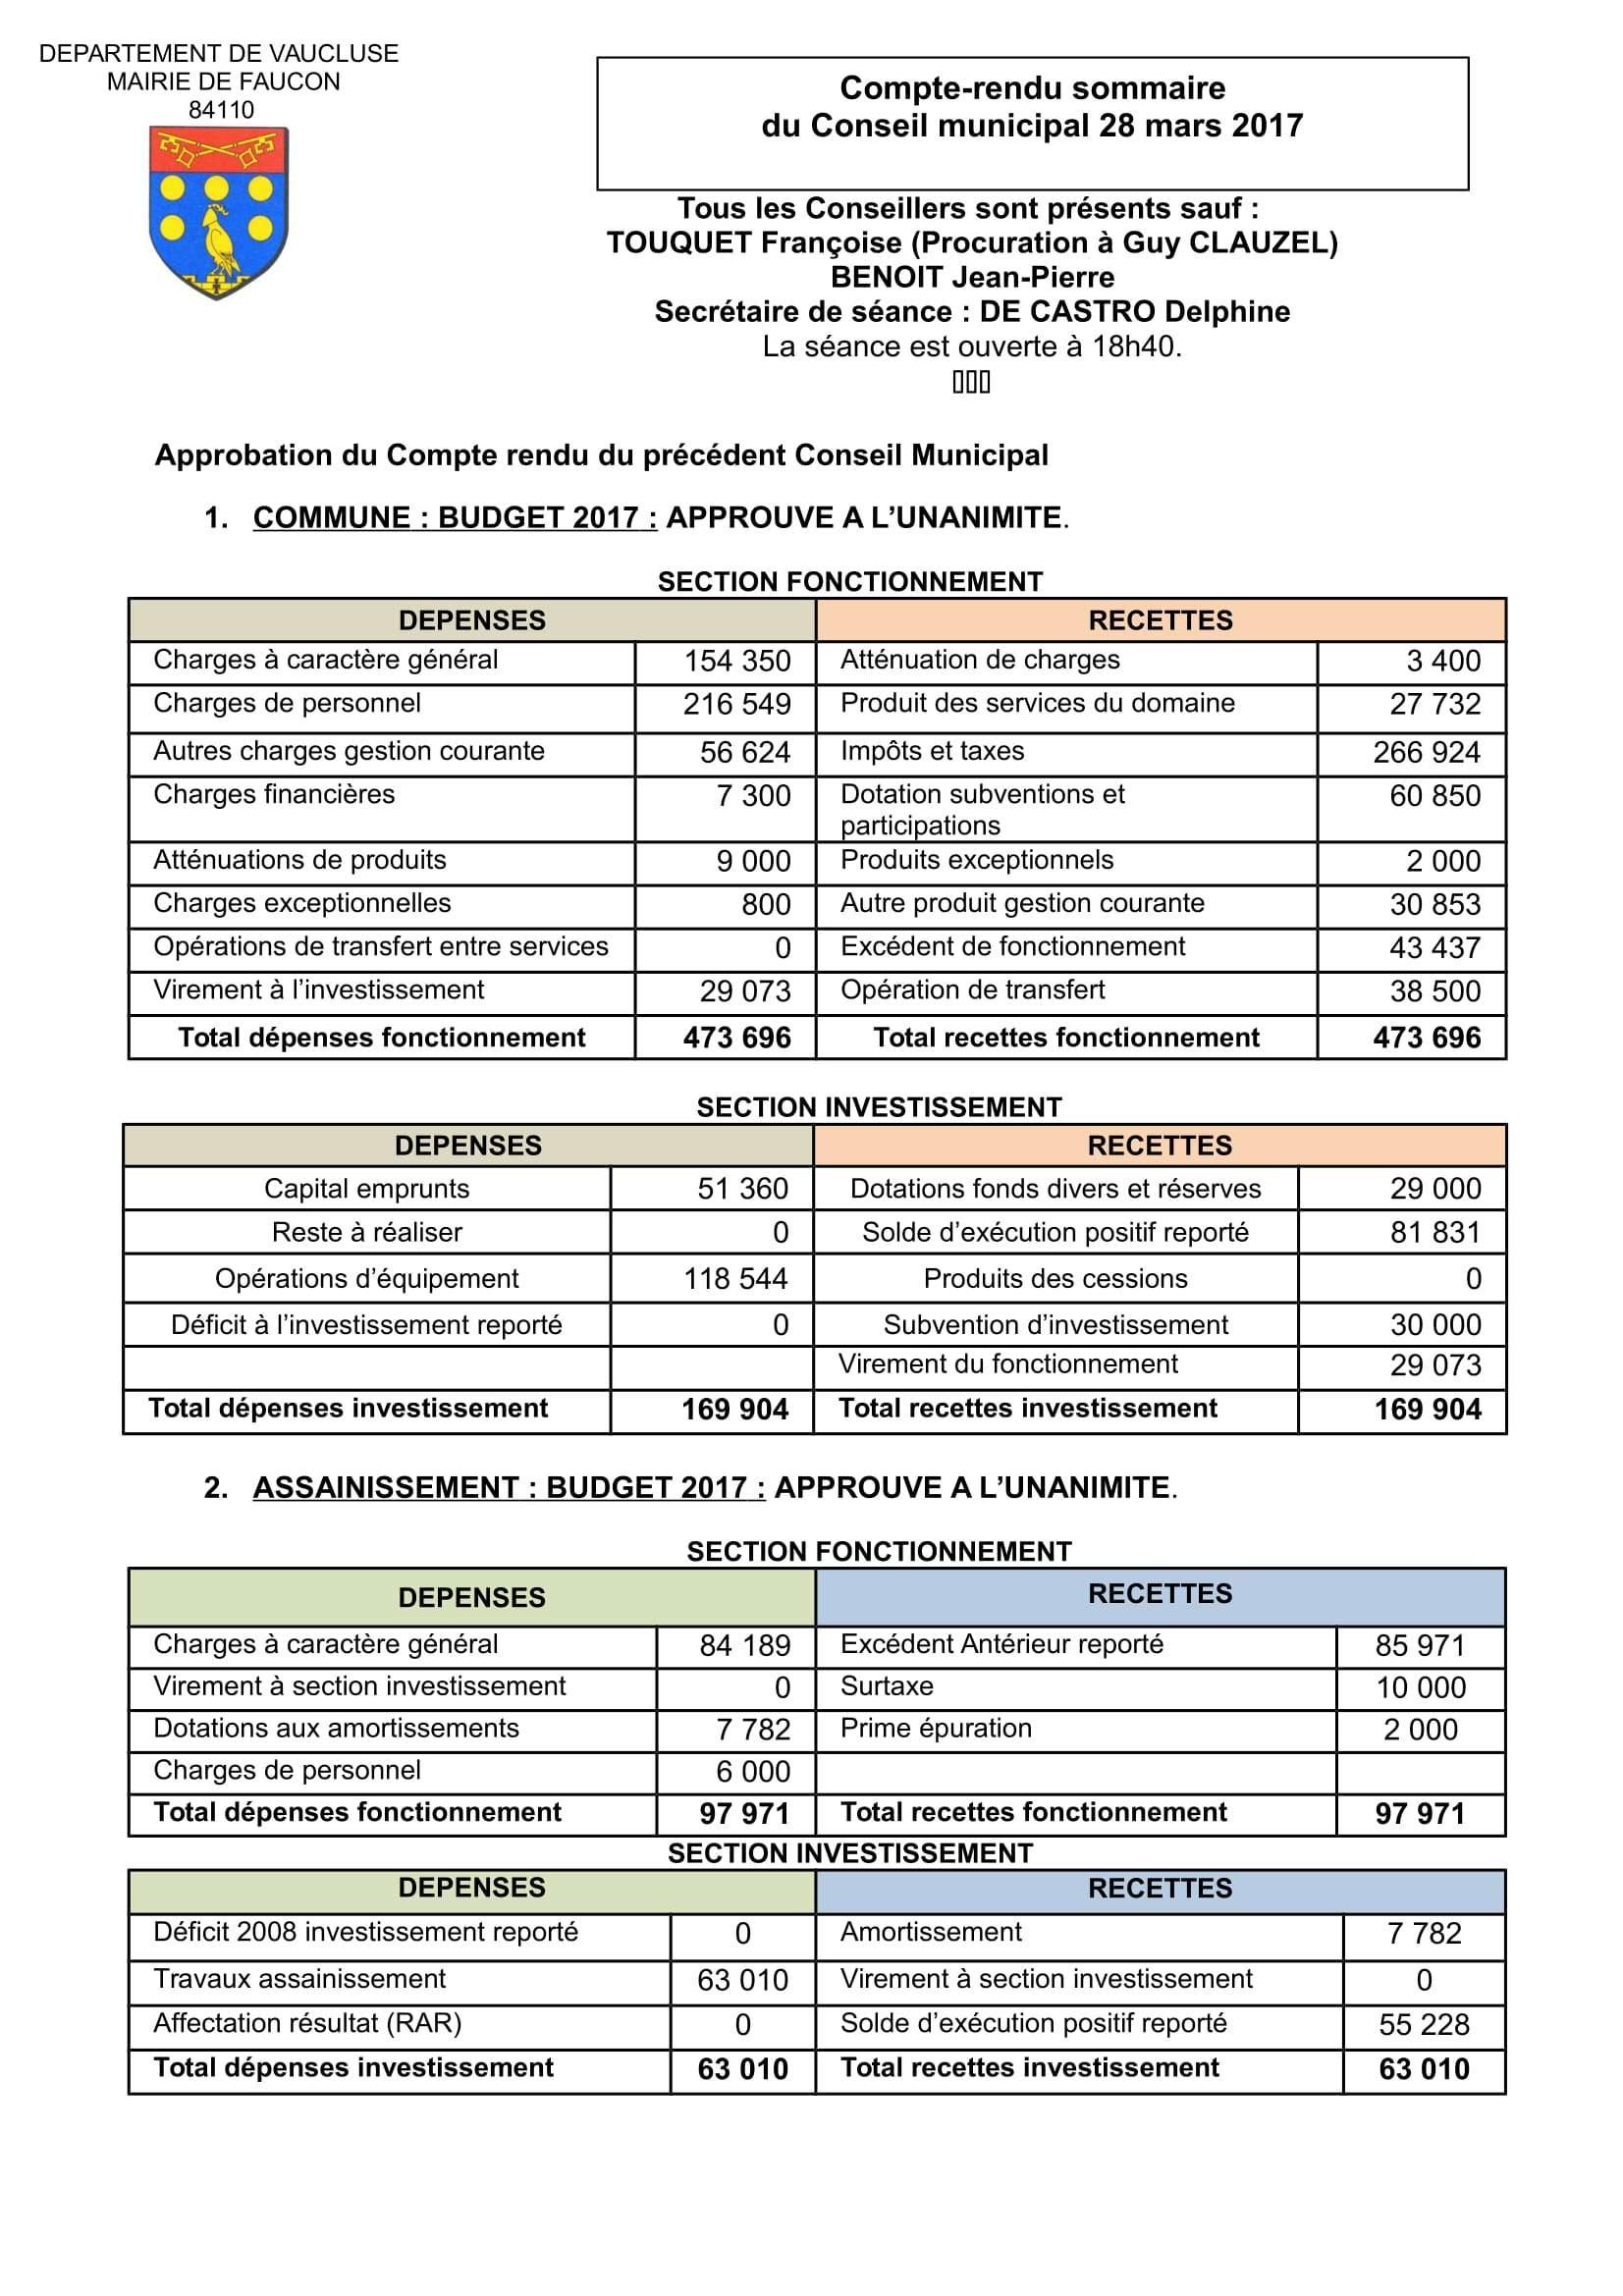 Compte-rendu sommaire du Conseil municipal 28 mars 2017